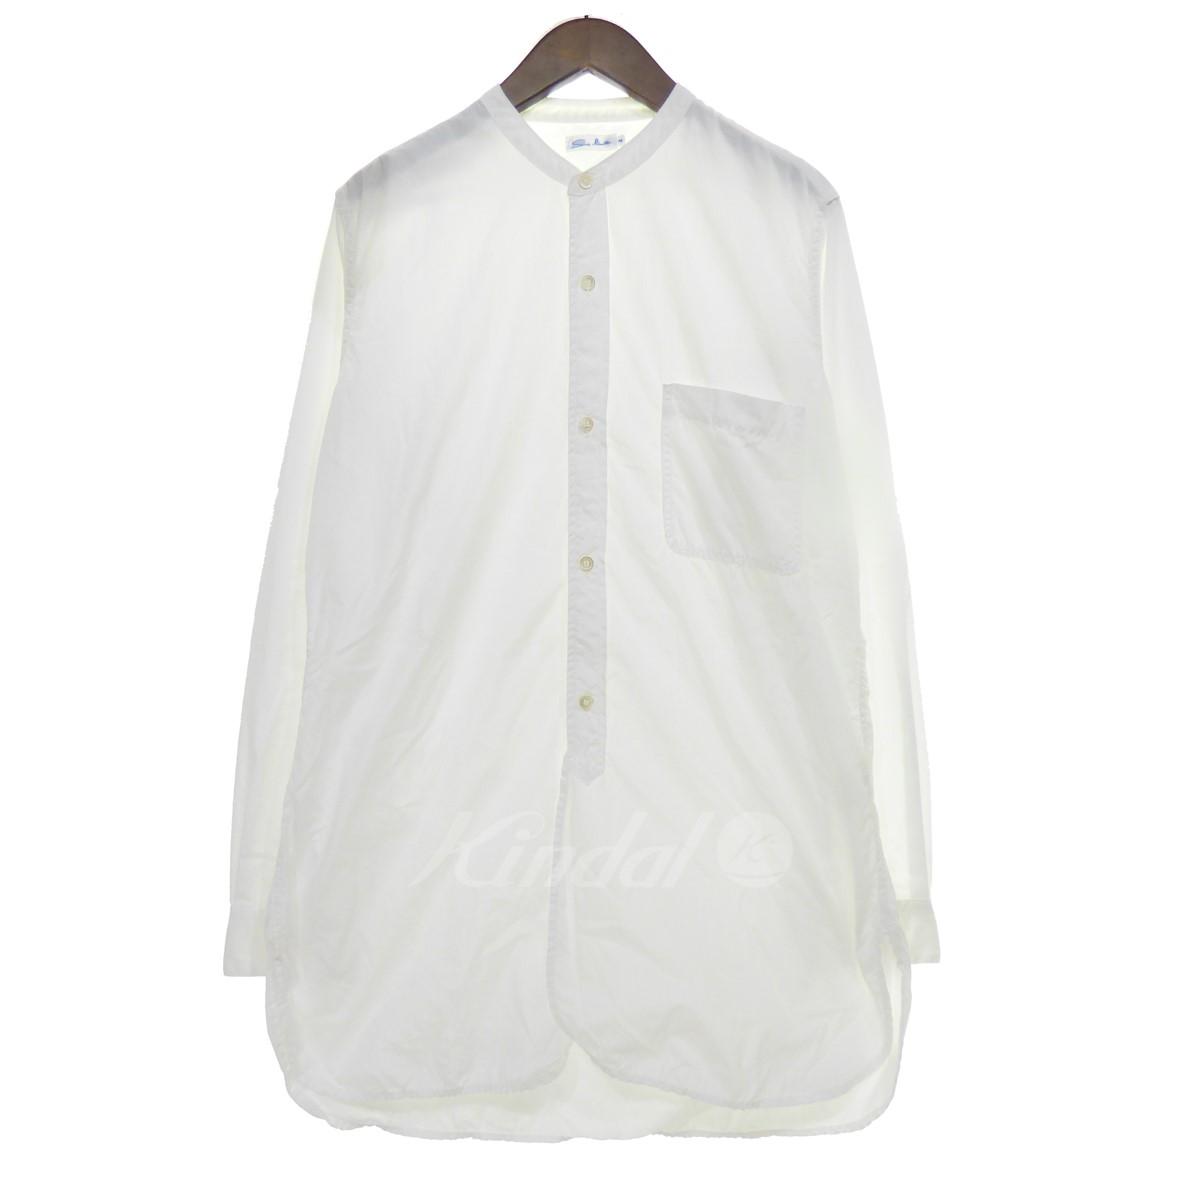 【中古】Sans limite 【2018A/W】 ビッグシルエットノーカラーシャツ/ブラウス ホワイト サイズ:2 【送料無料】 【011118】(サンリミット)